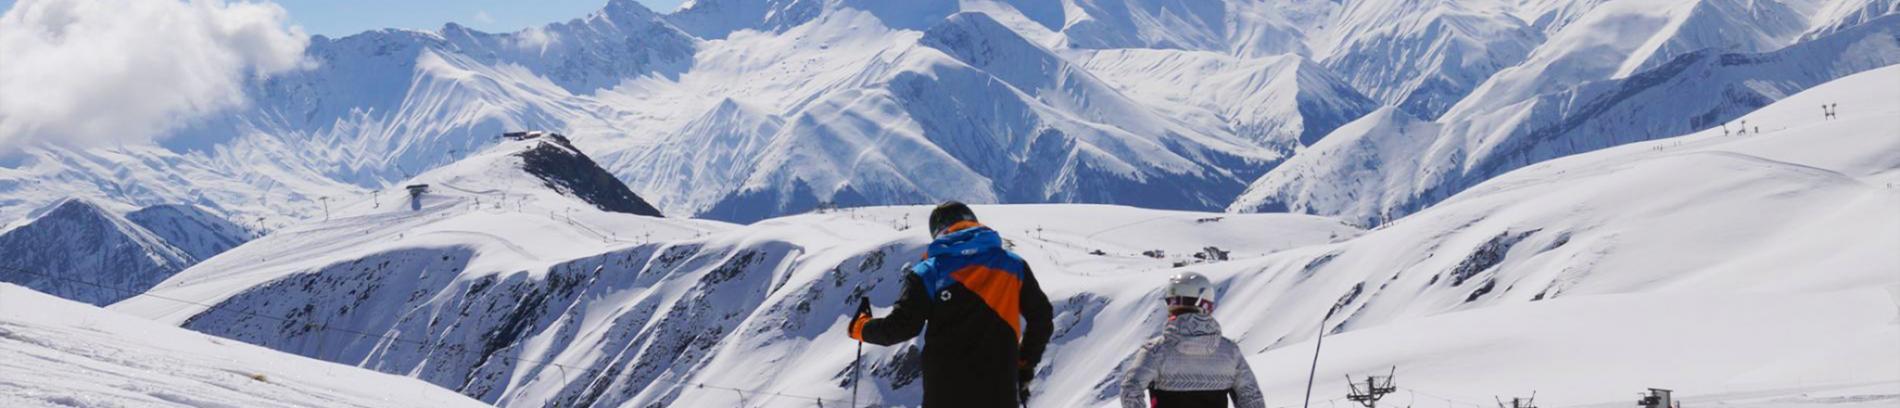 Slide la domaine skiable